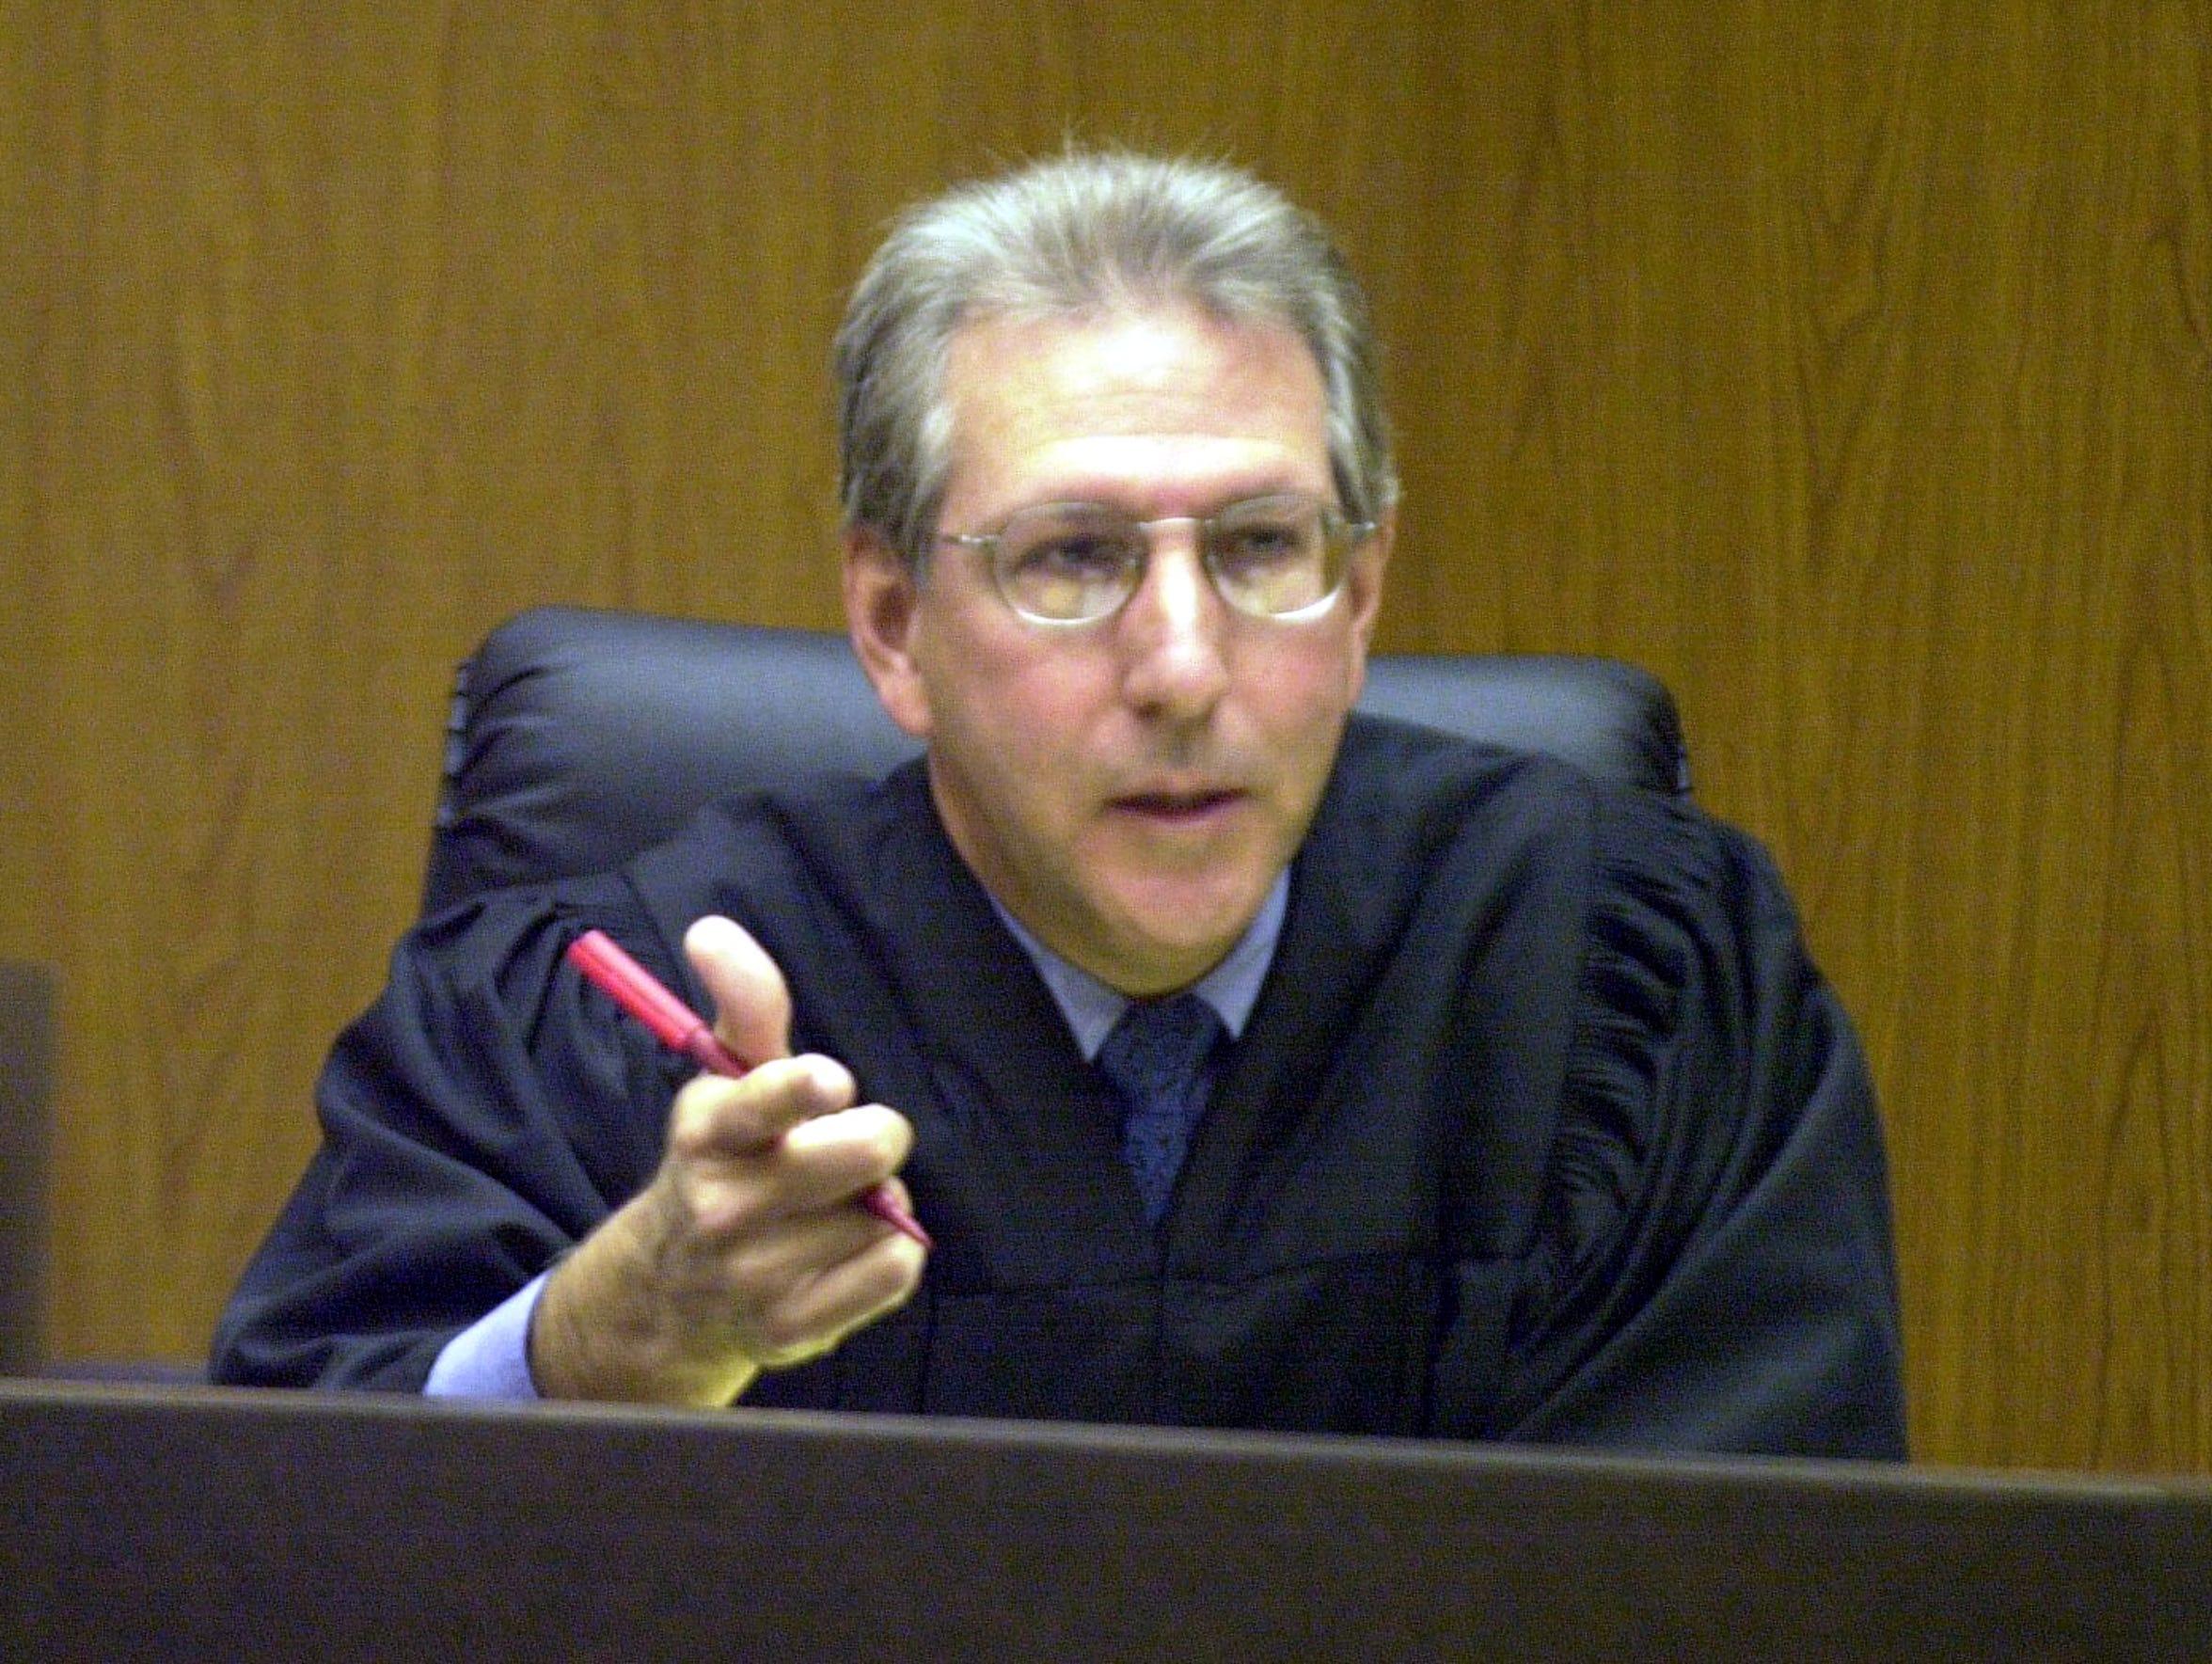 Maricopa County Superior Court Judge Ronald Reinstein